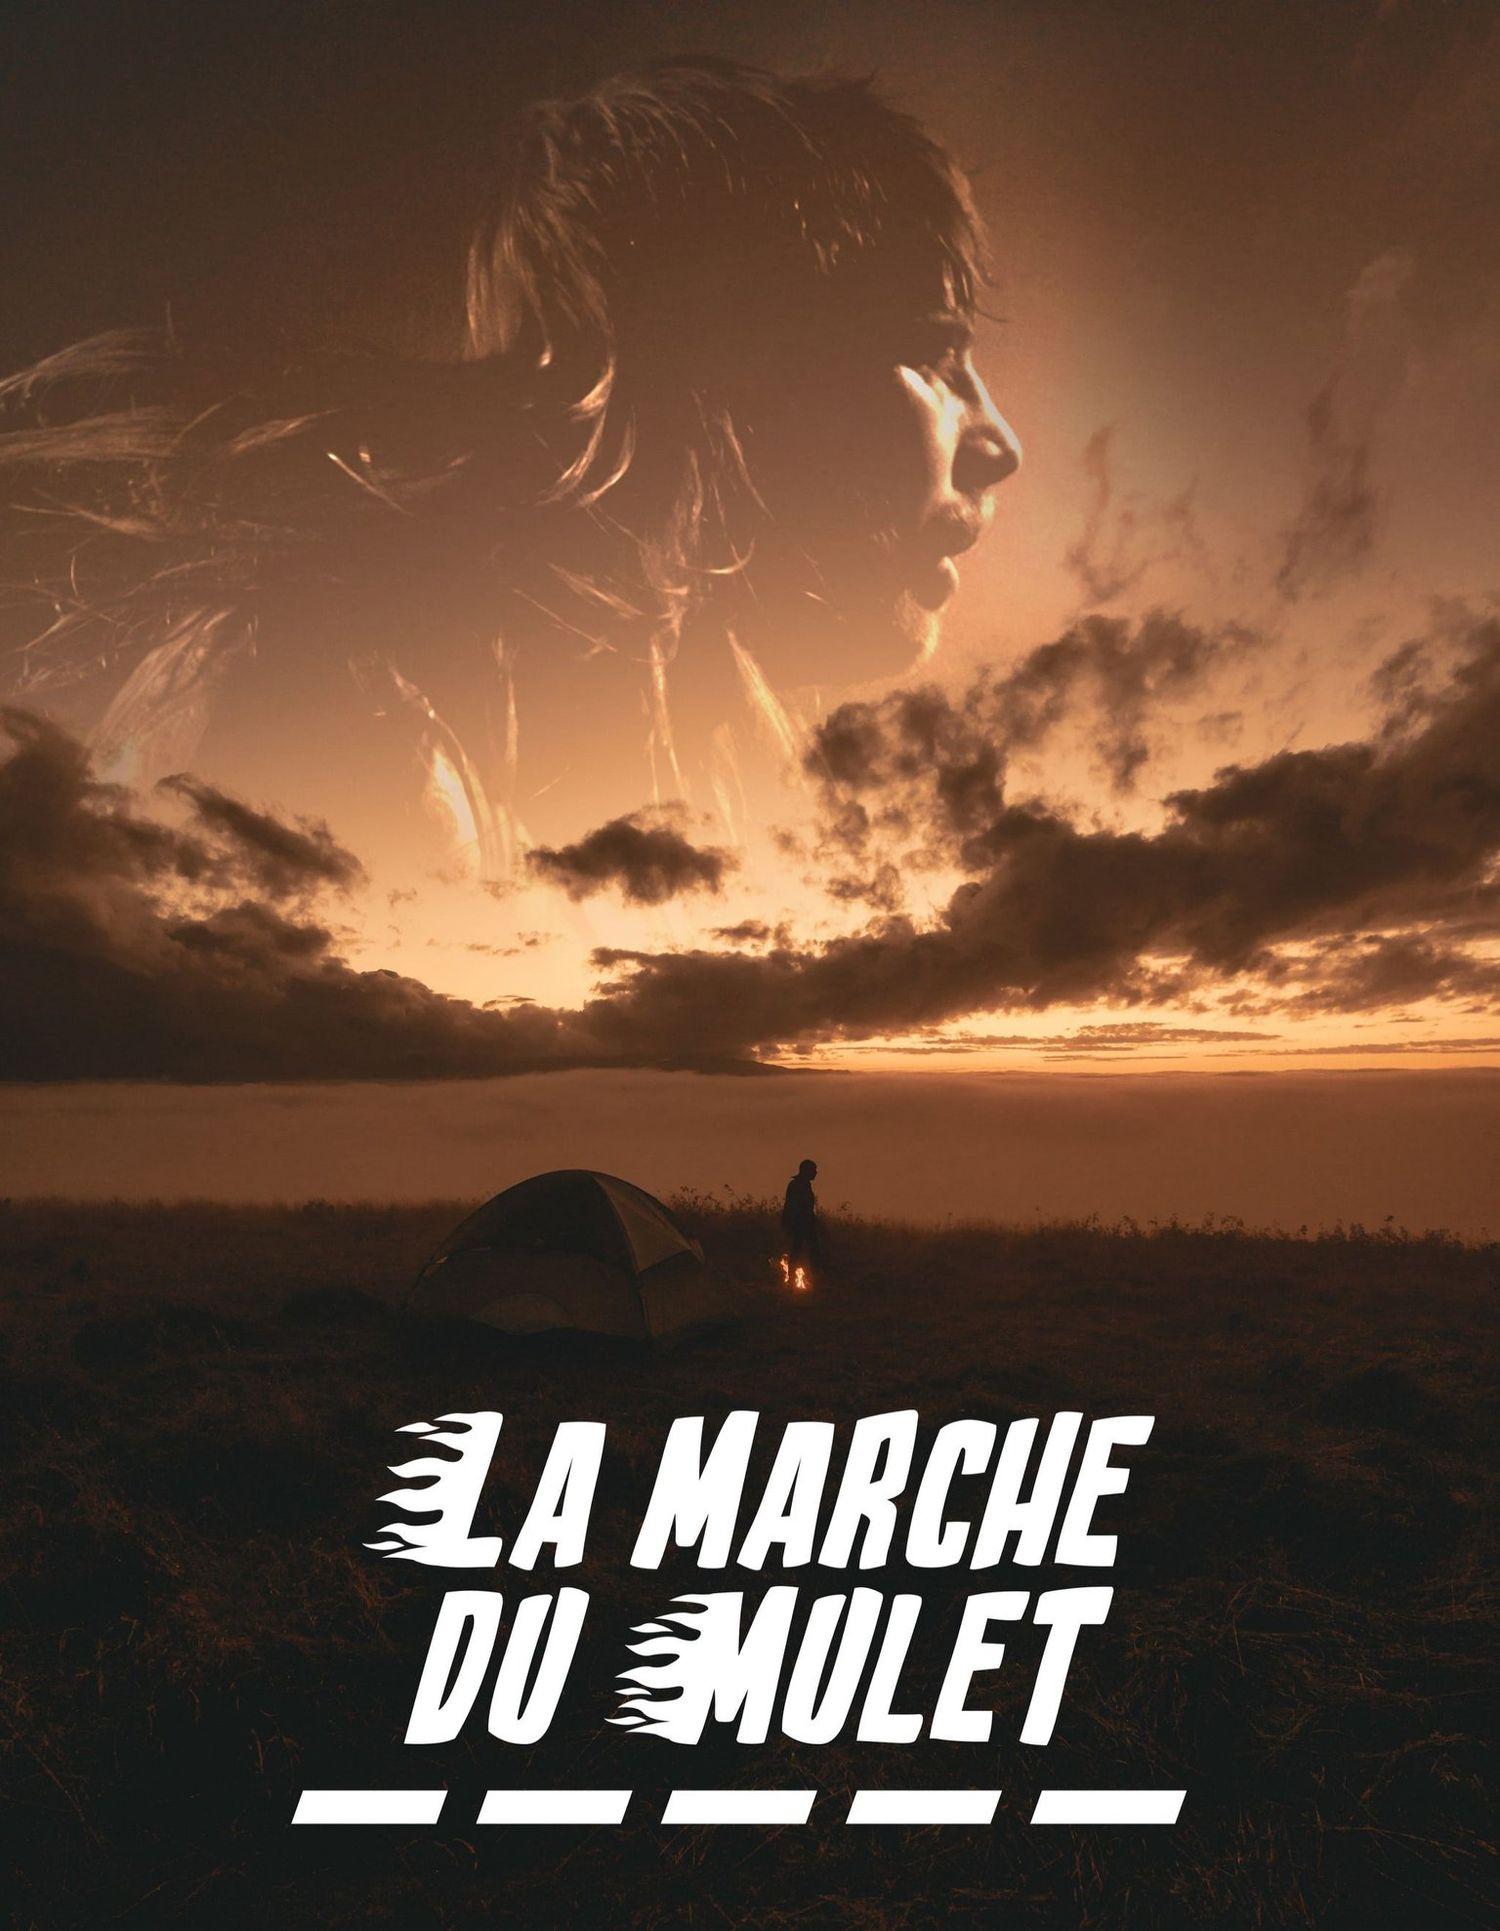 La Marche du Mulet